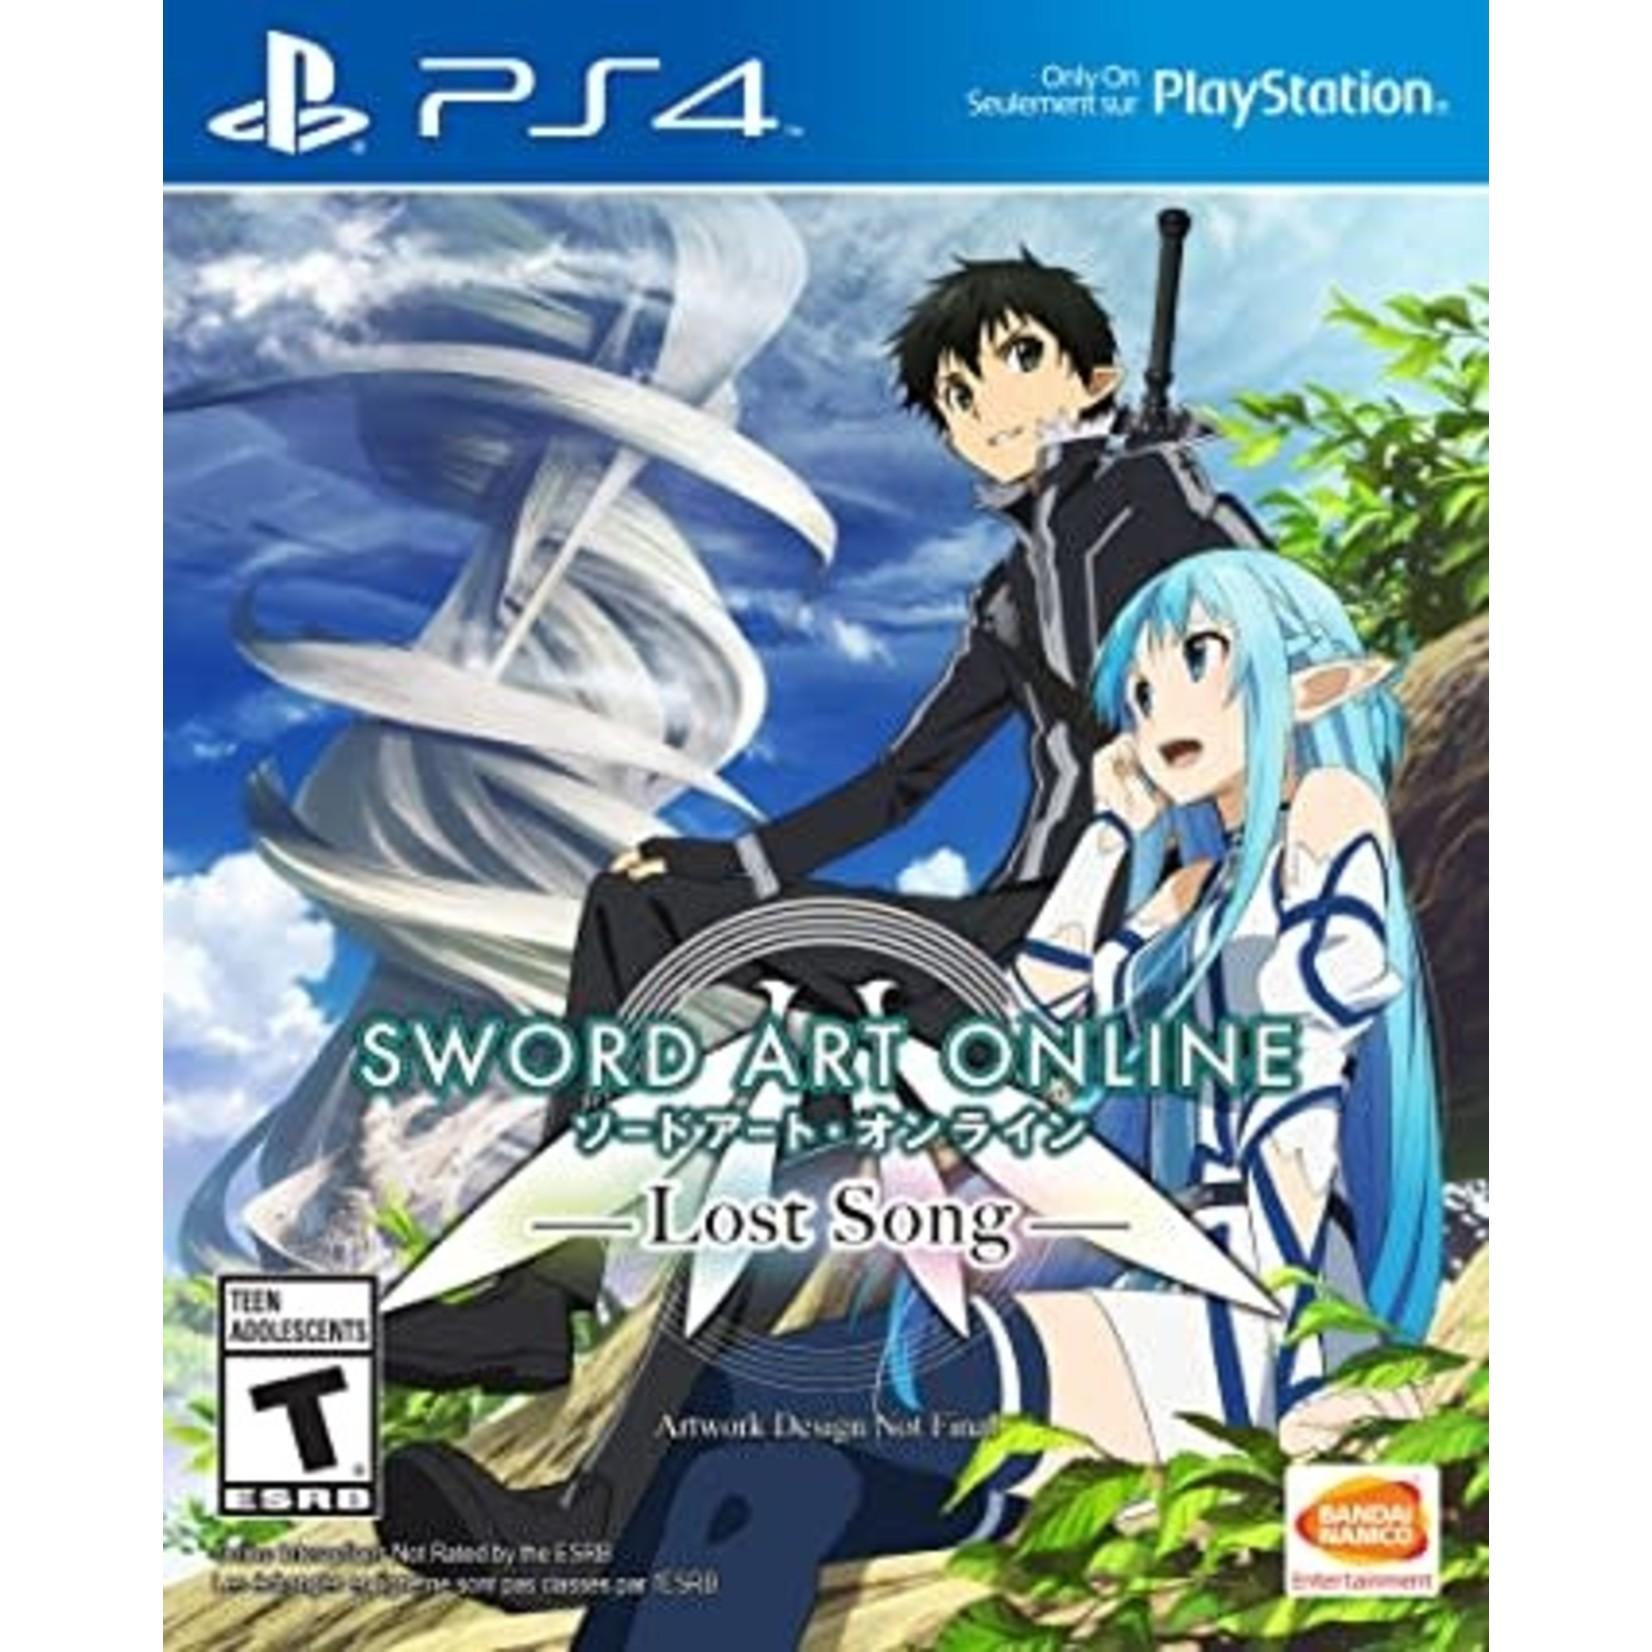 PS4-SWORD ART ONLINE: LOST SONG